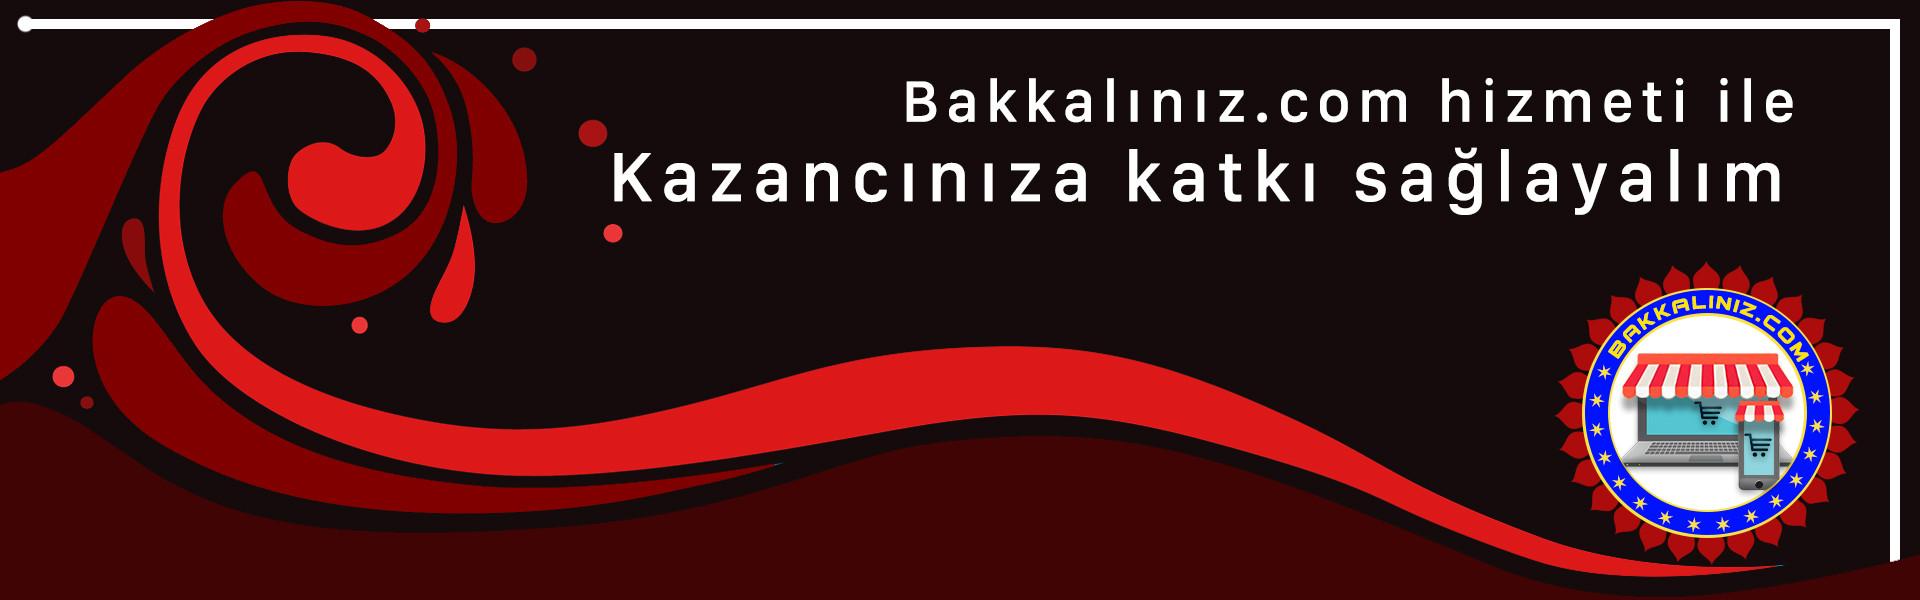 https://bakkaliniz.com/bakkaliniz-destek1